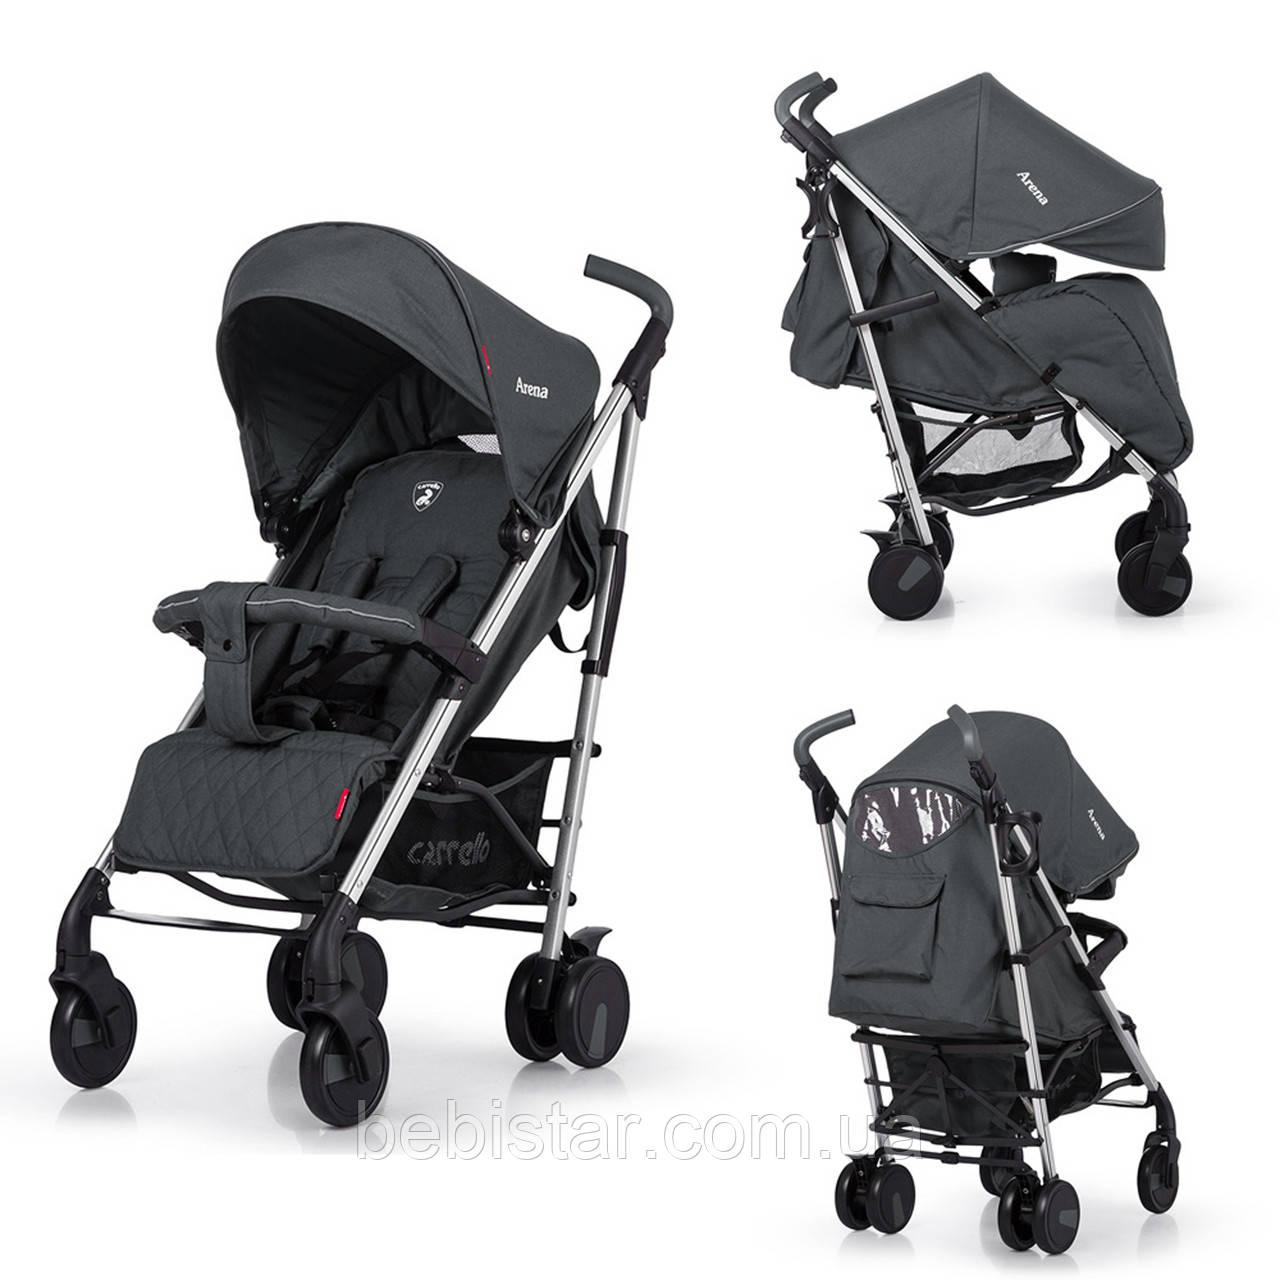 Прогулочная детская коляска-трость CARRELLO Arena CRL-8504 Storm Gray в льне